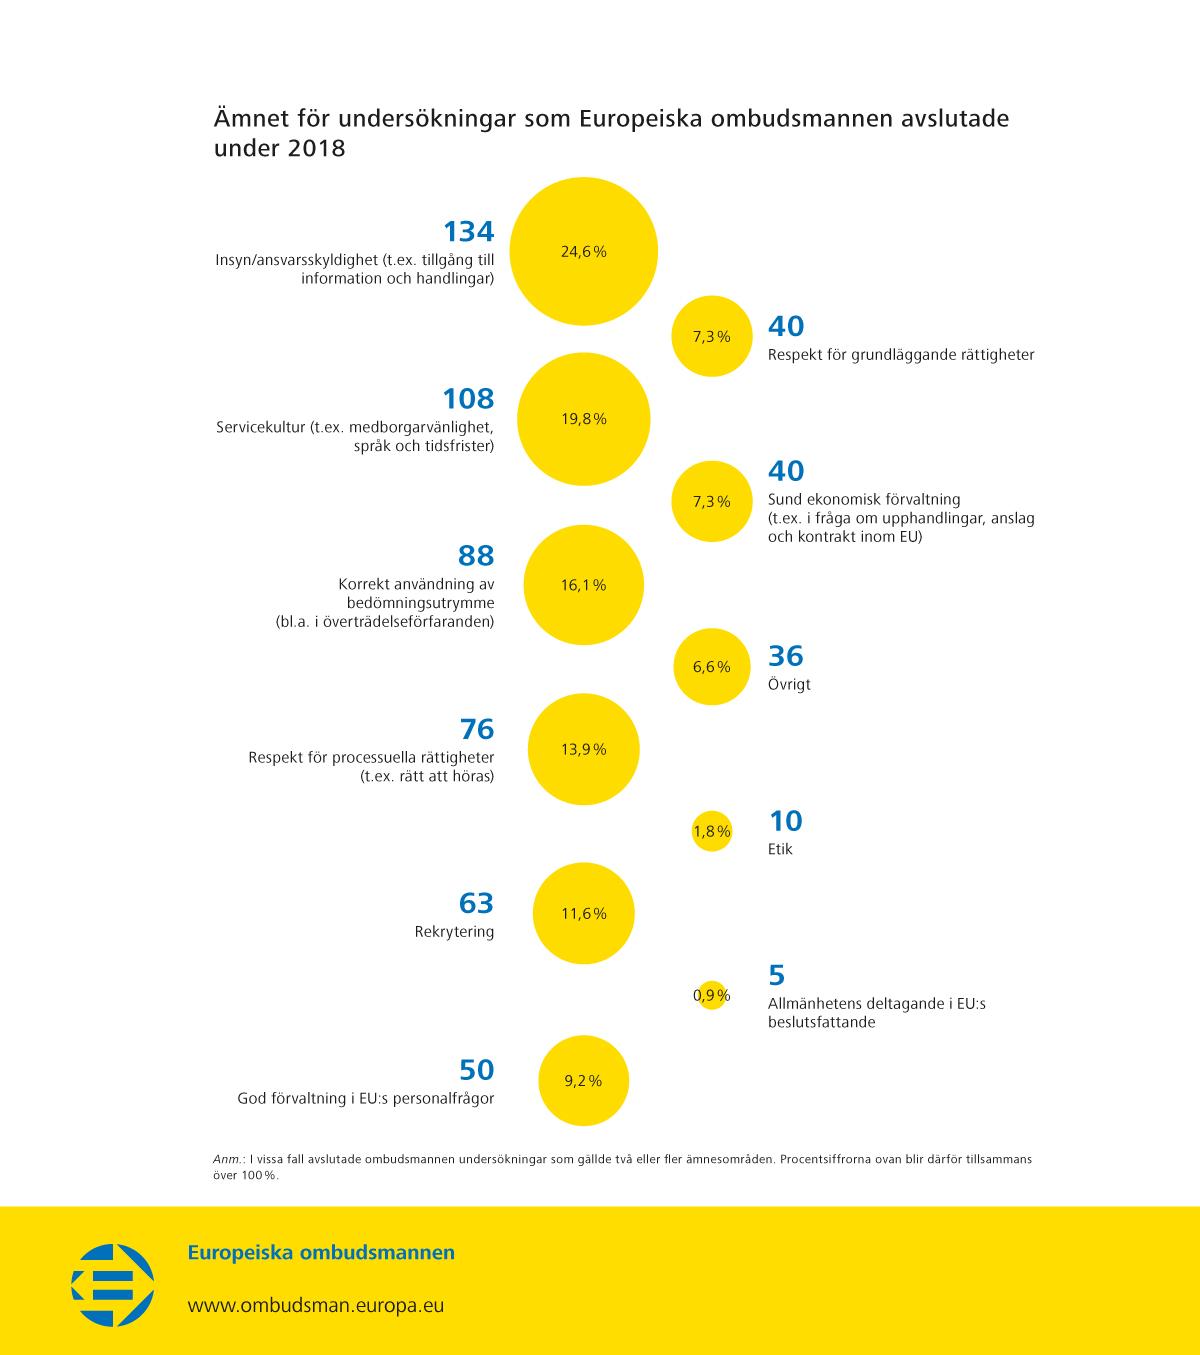 Ämnet för undersökningar som Europeiska ombudsmannen avslutade under 2018